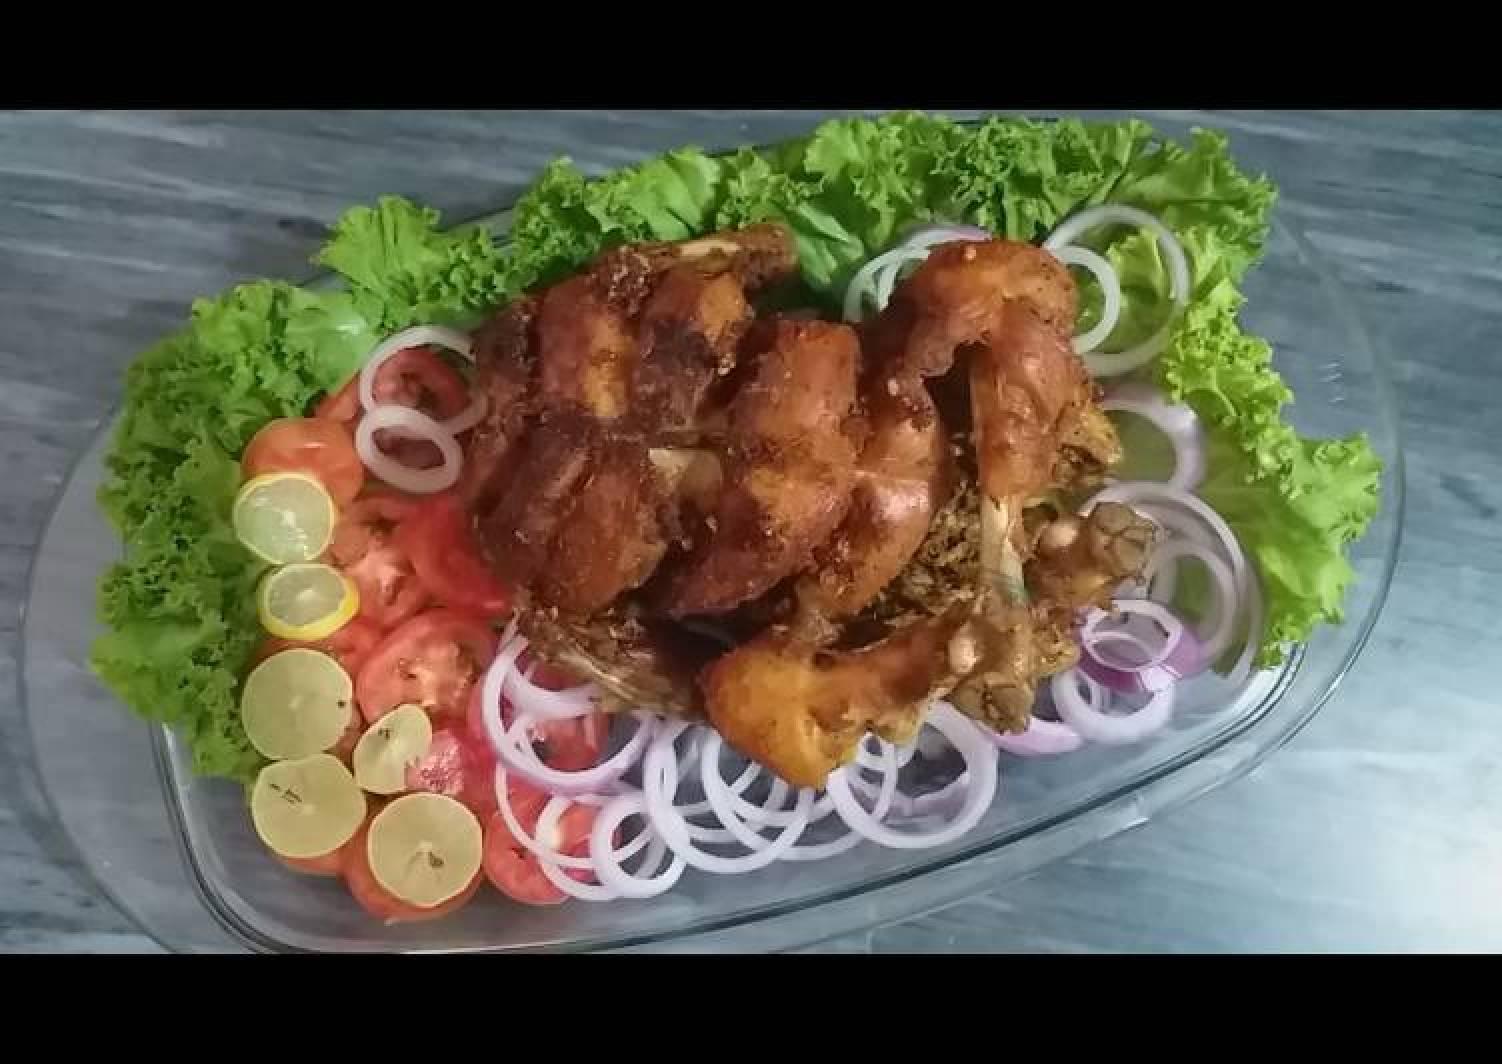 Steam rost chicken